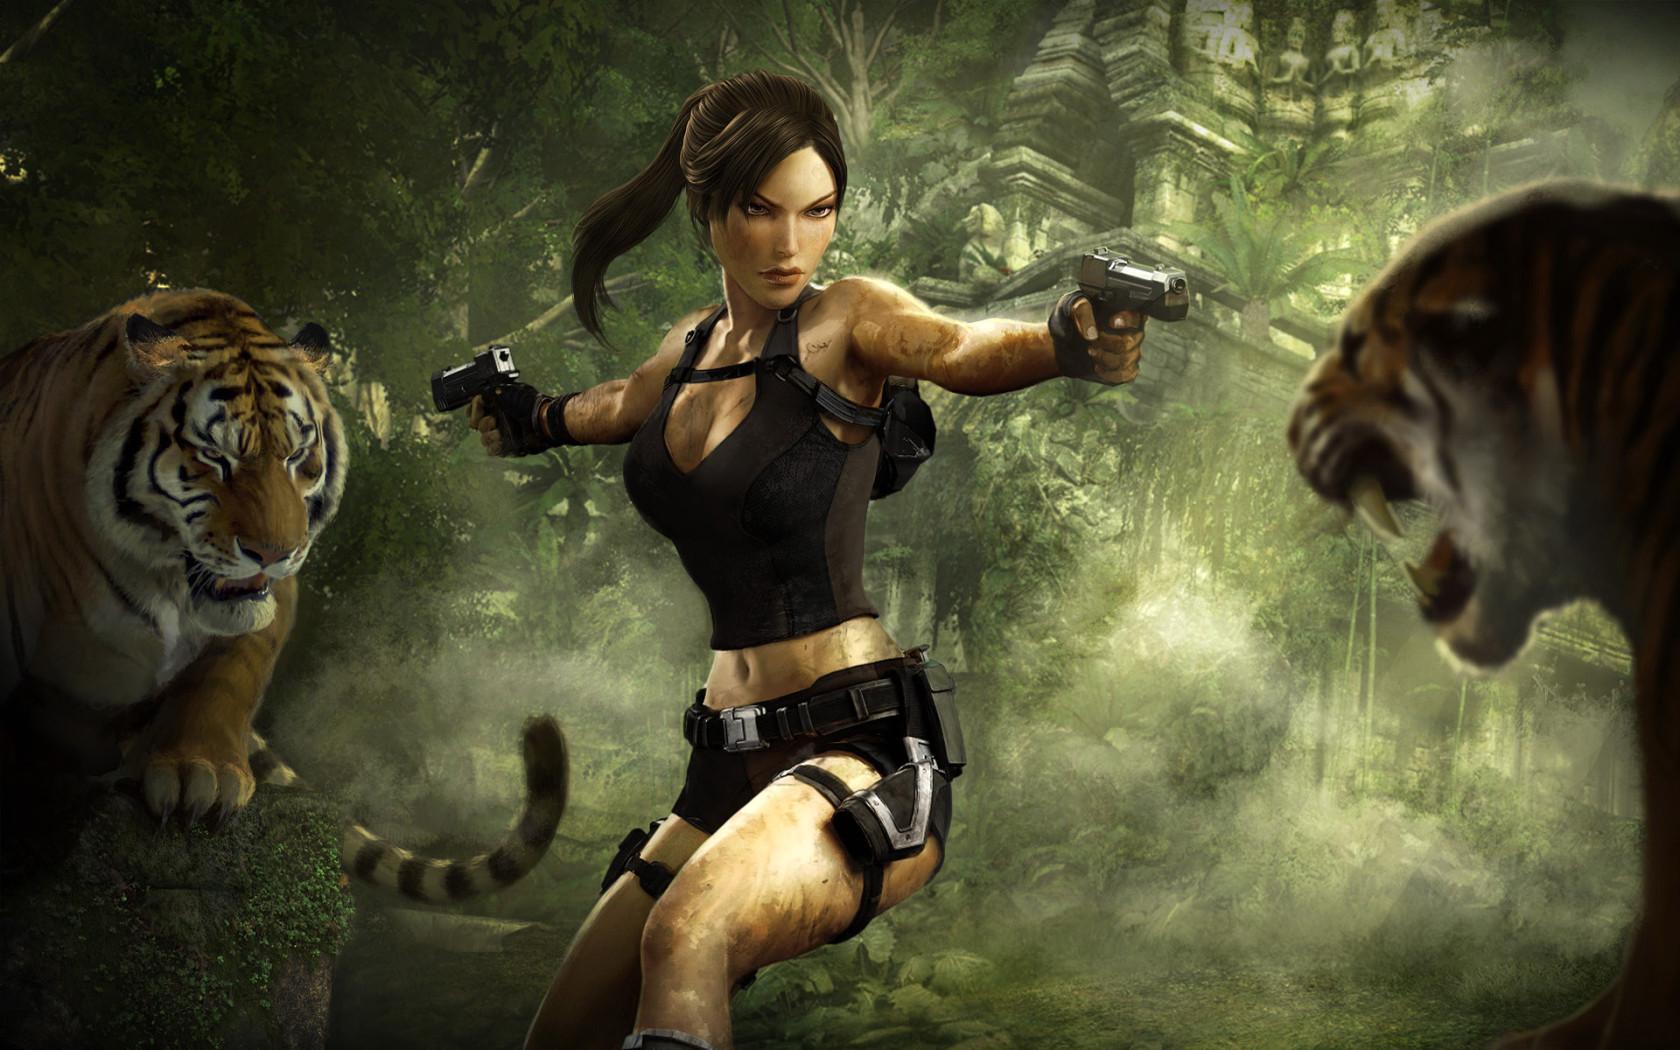 Free Download Lara Croft Tomb Raider Wallpaper 30982727 1680x1050